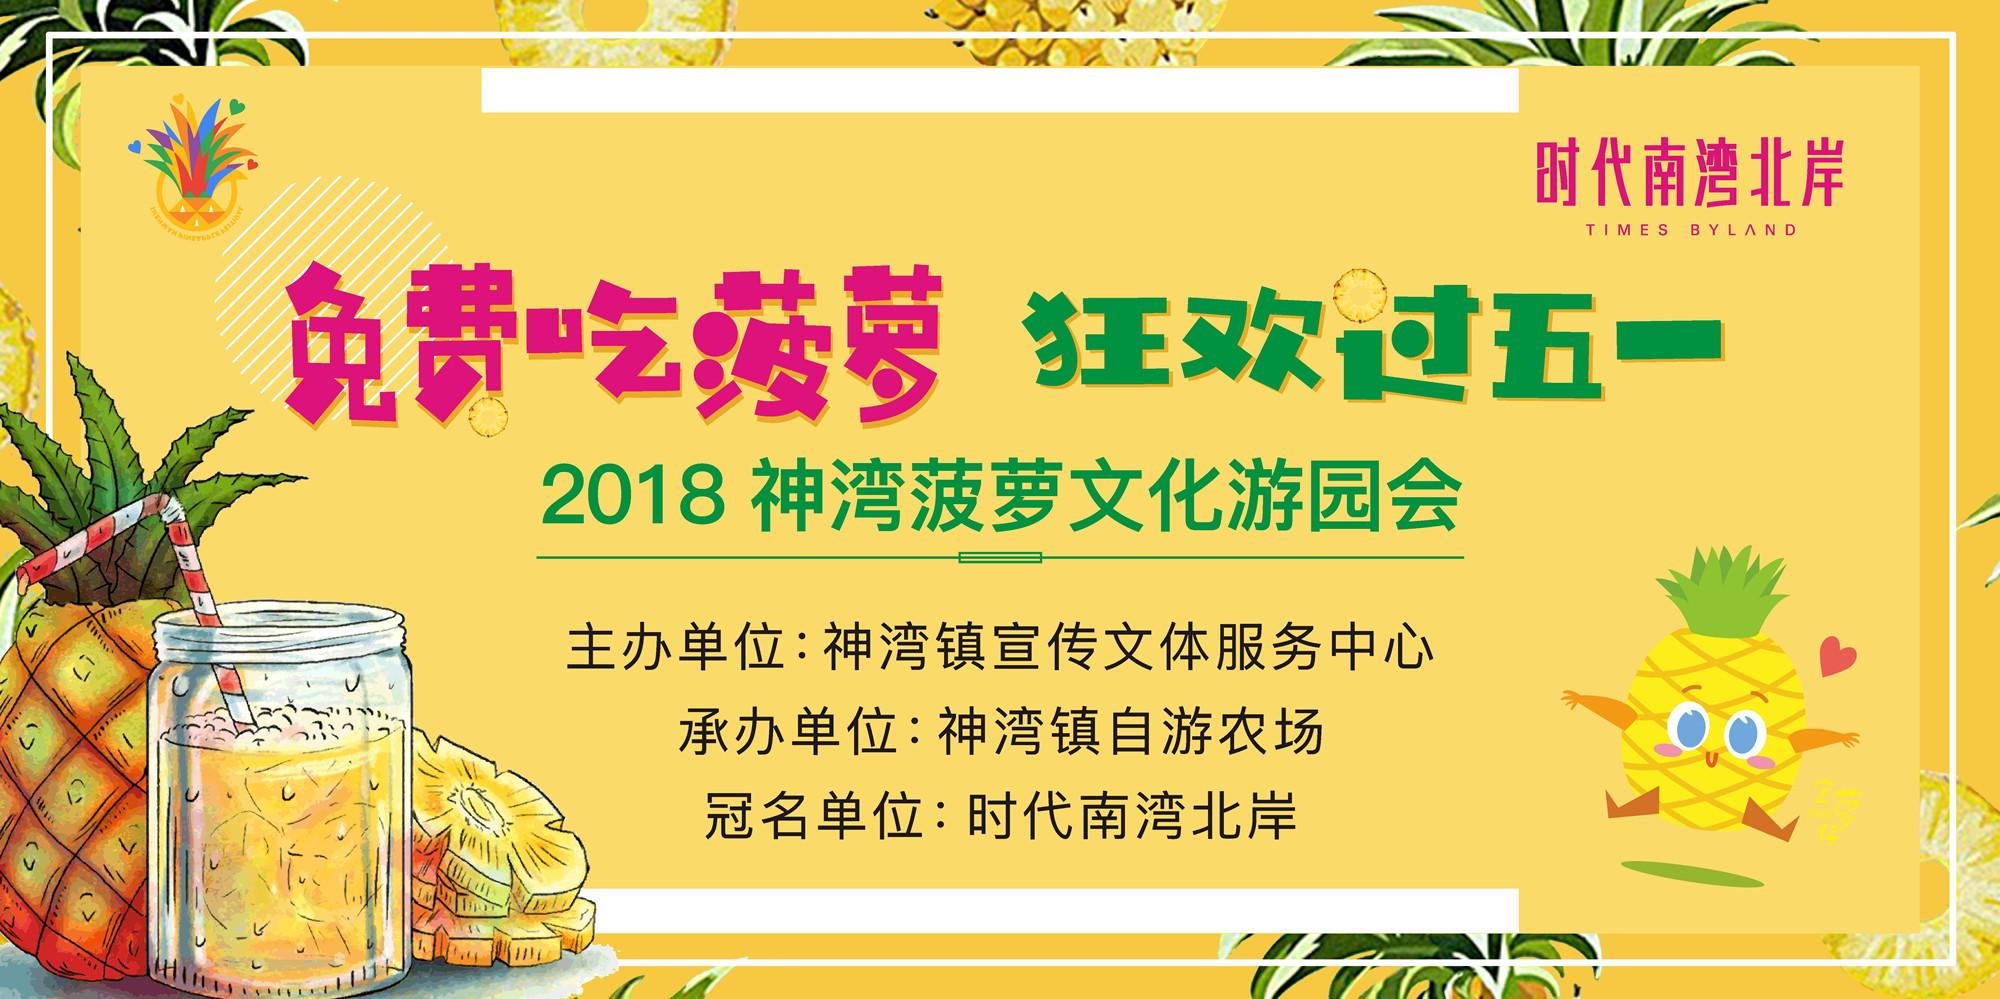 2018神湾菠萝文化游园会 免费吃菠萝狂欢过五一